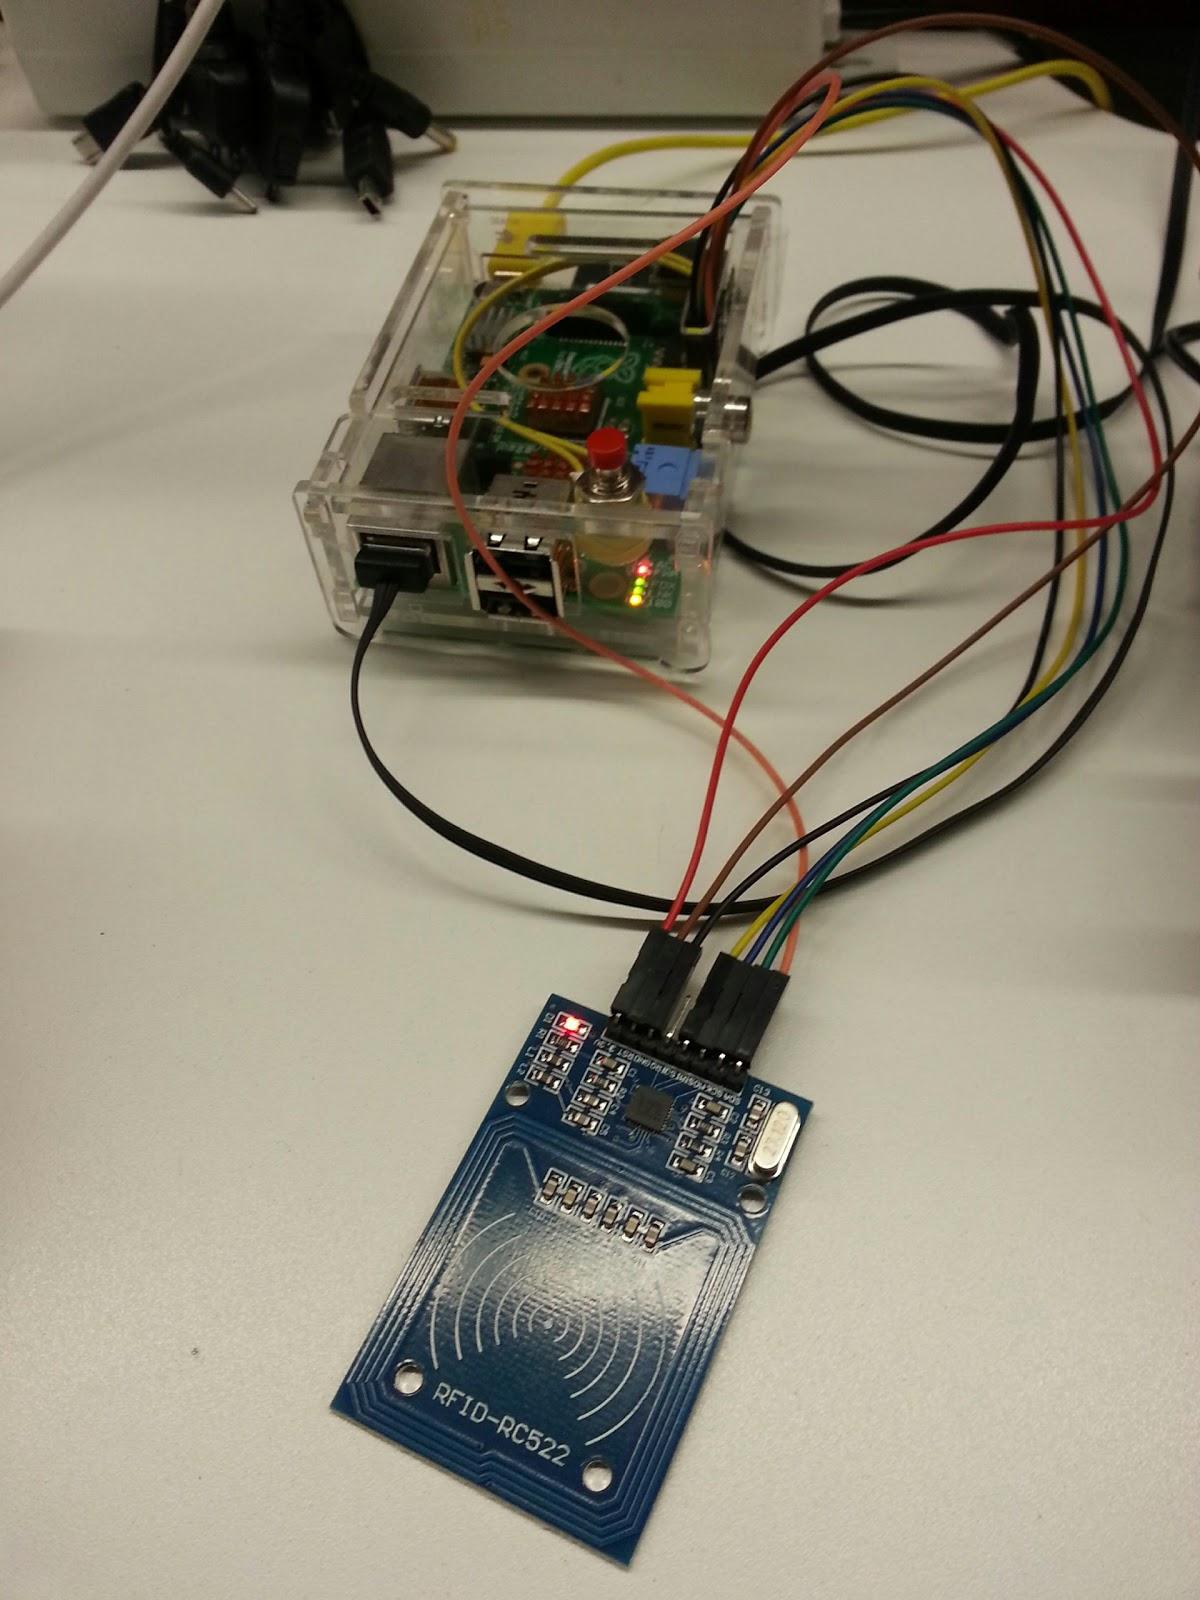 RASPMER: How to use RFID-RC522 on Raspbian